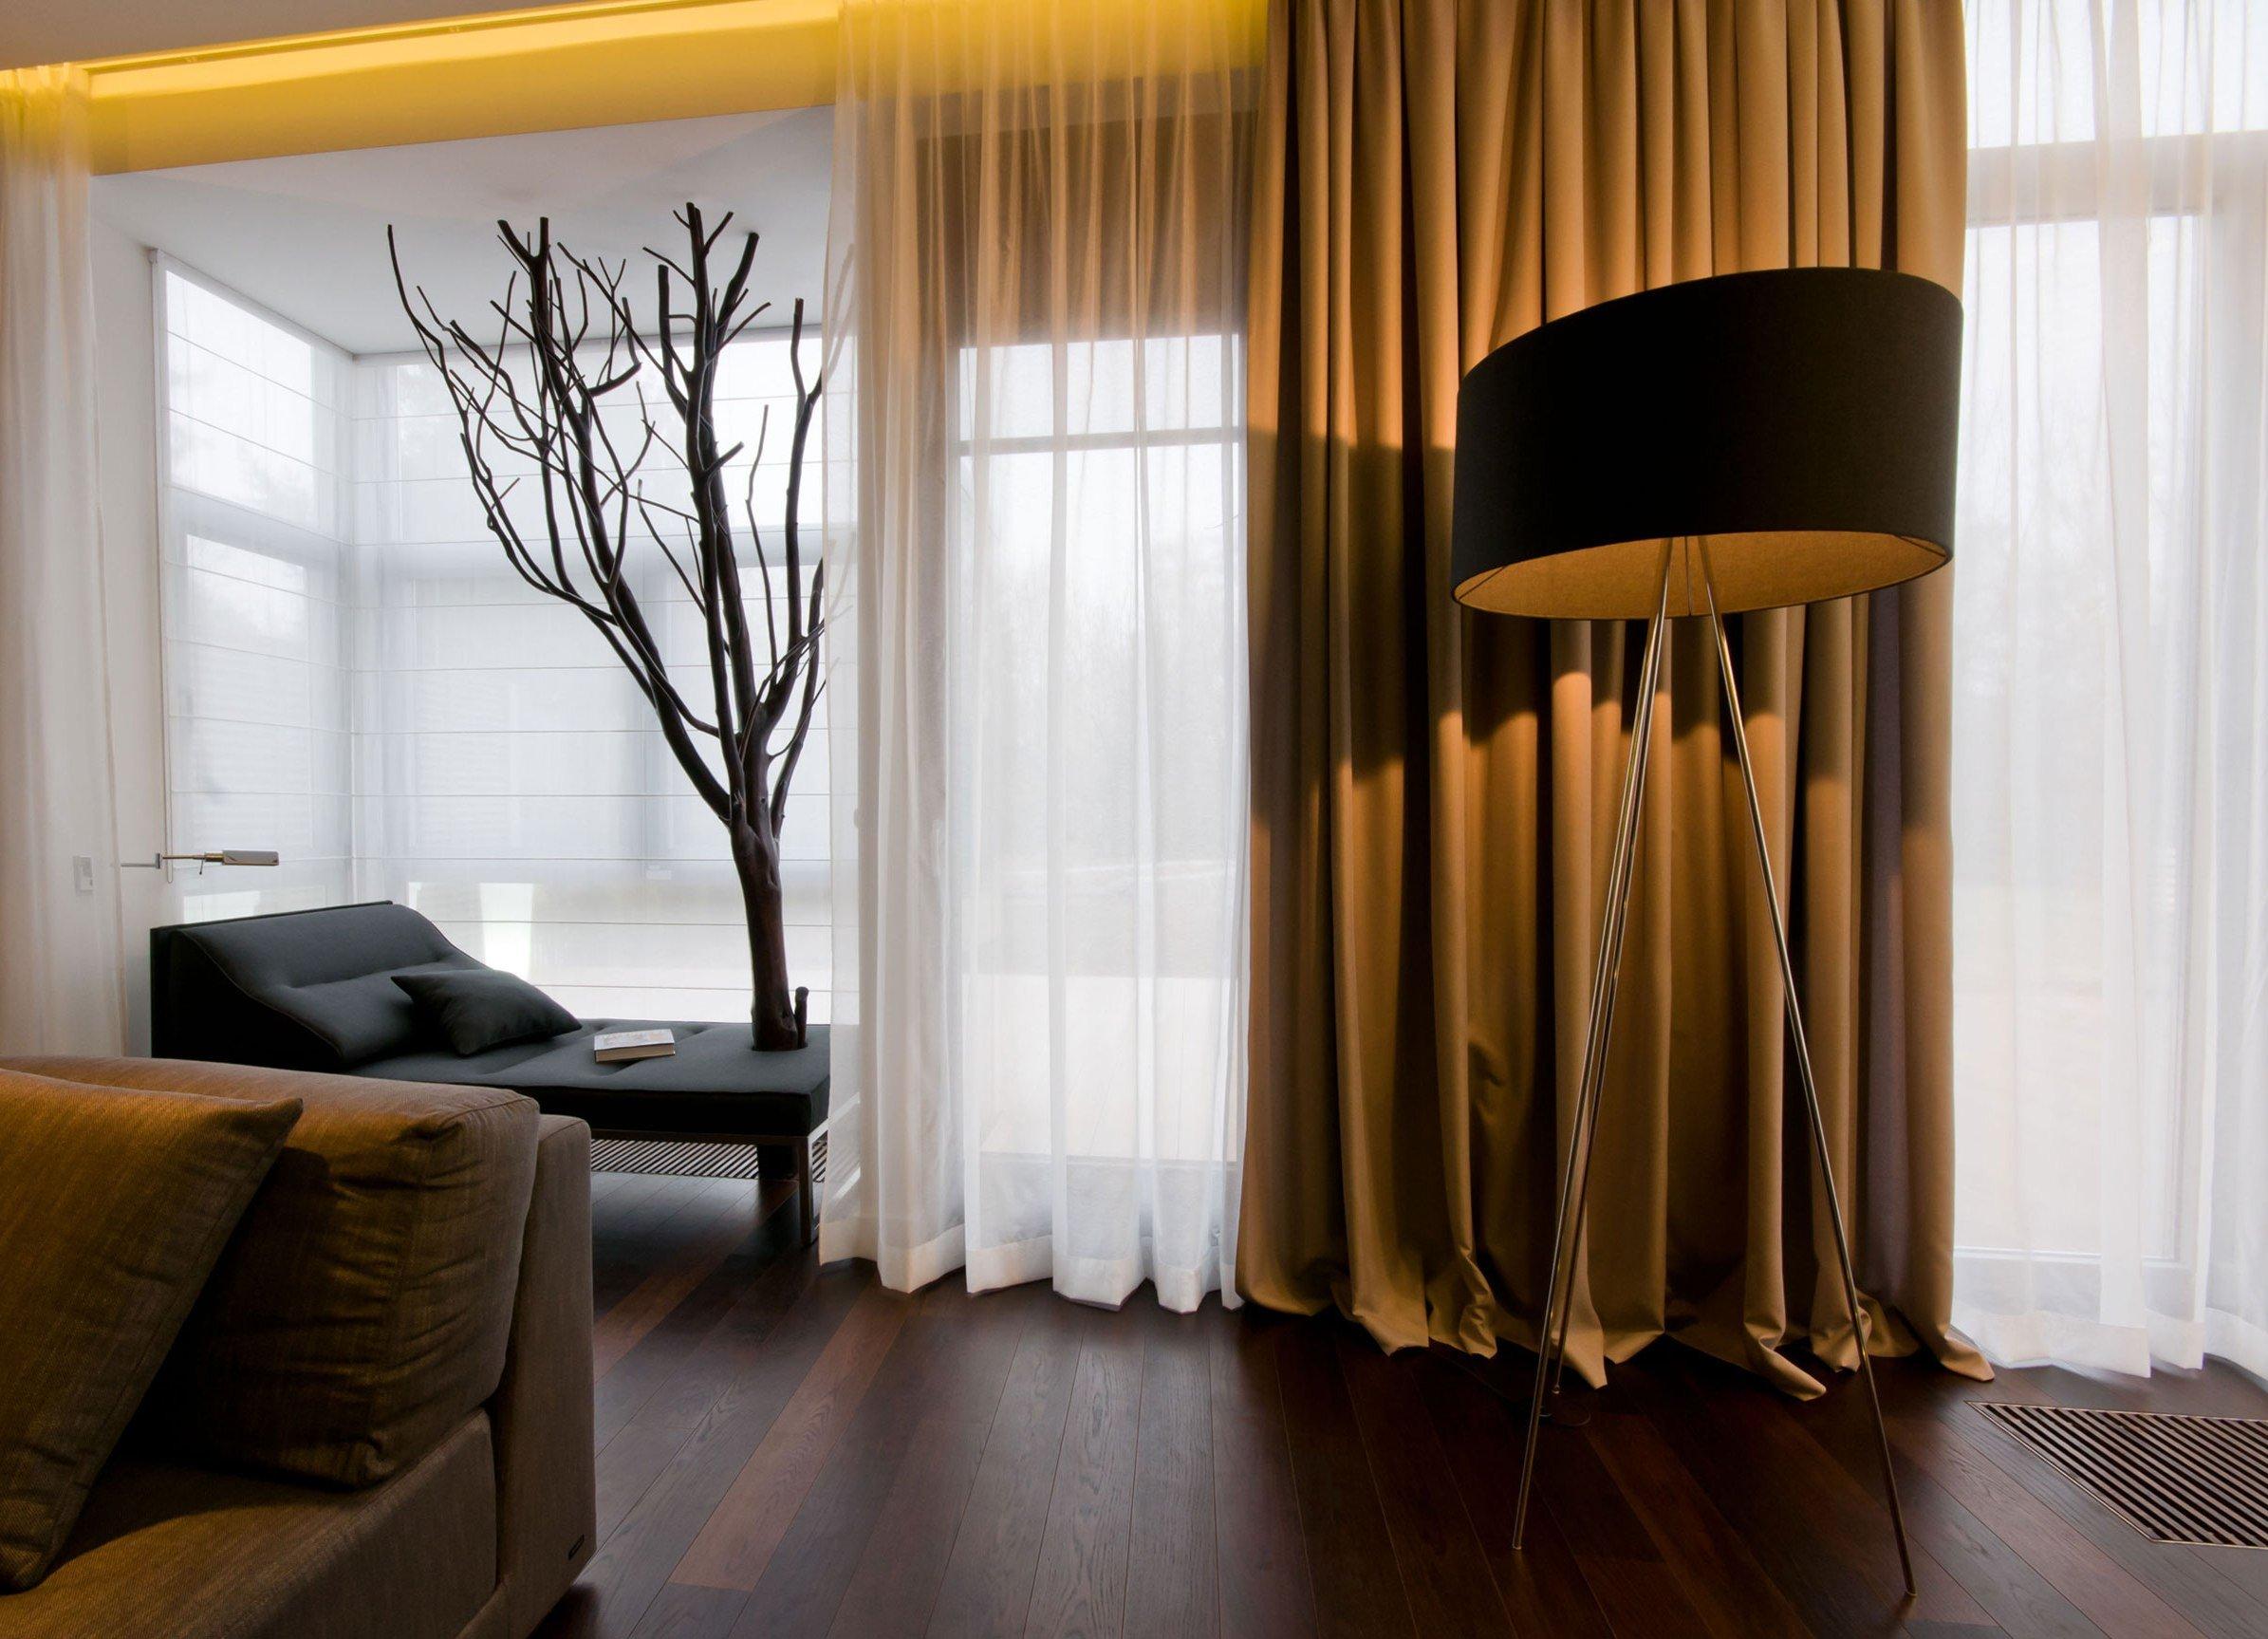 Окна в комнате с зонированием